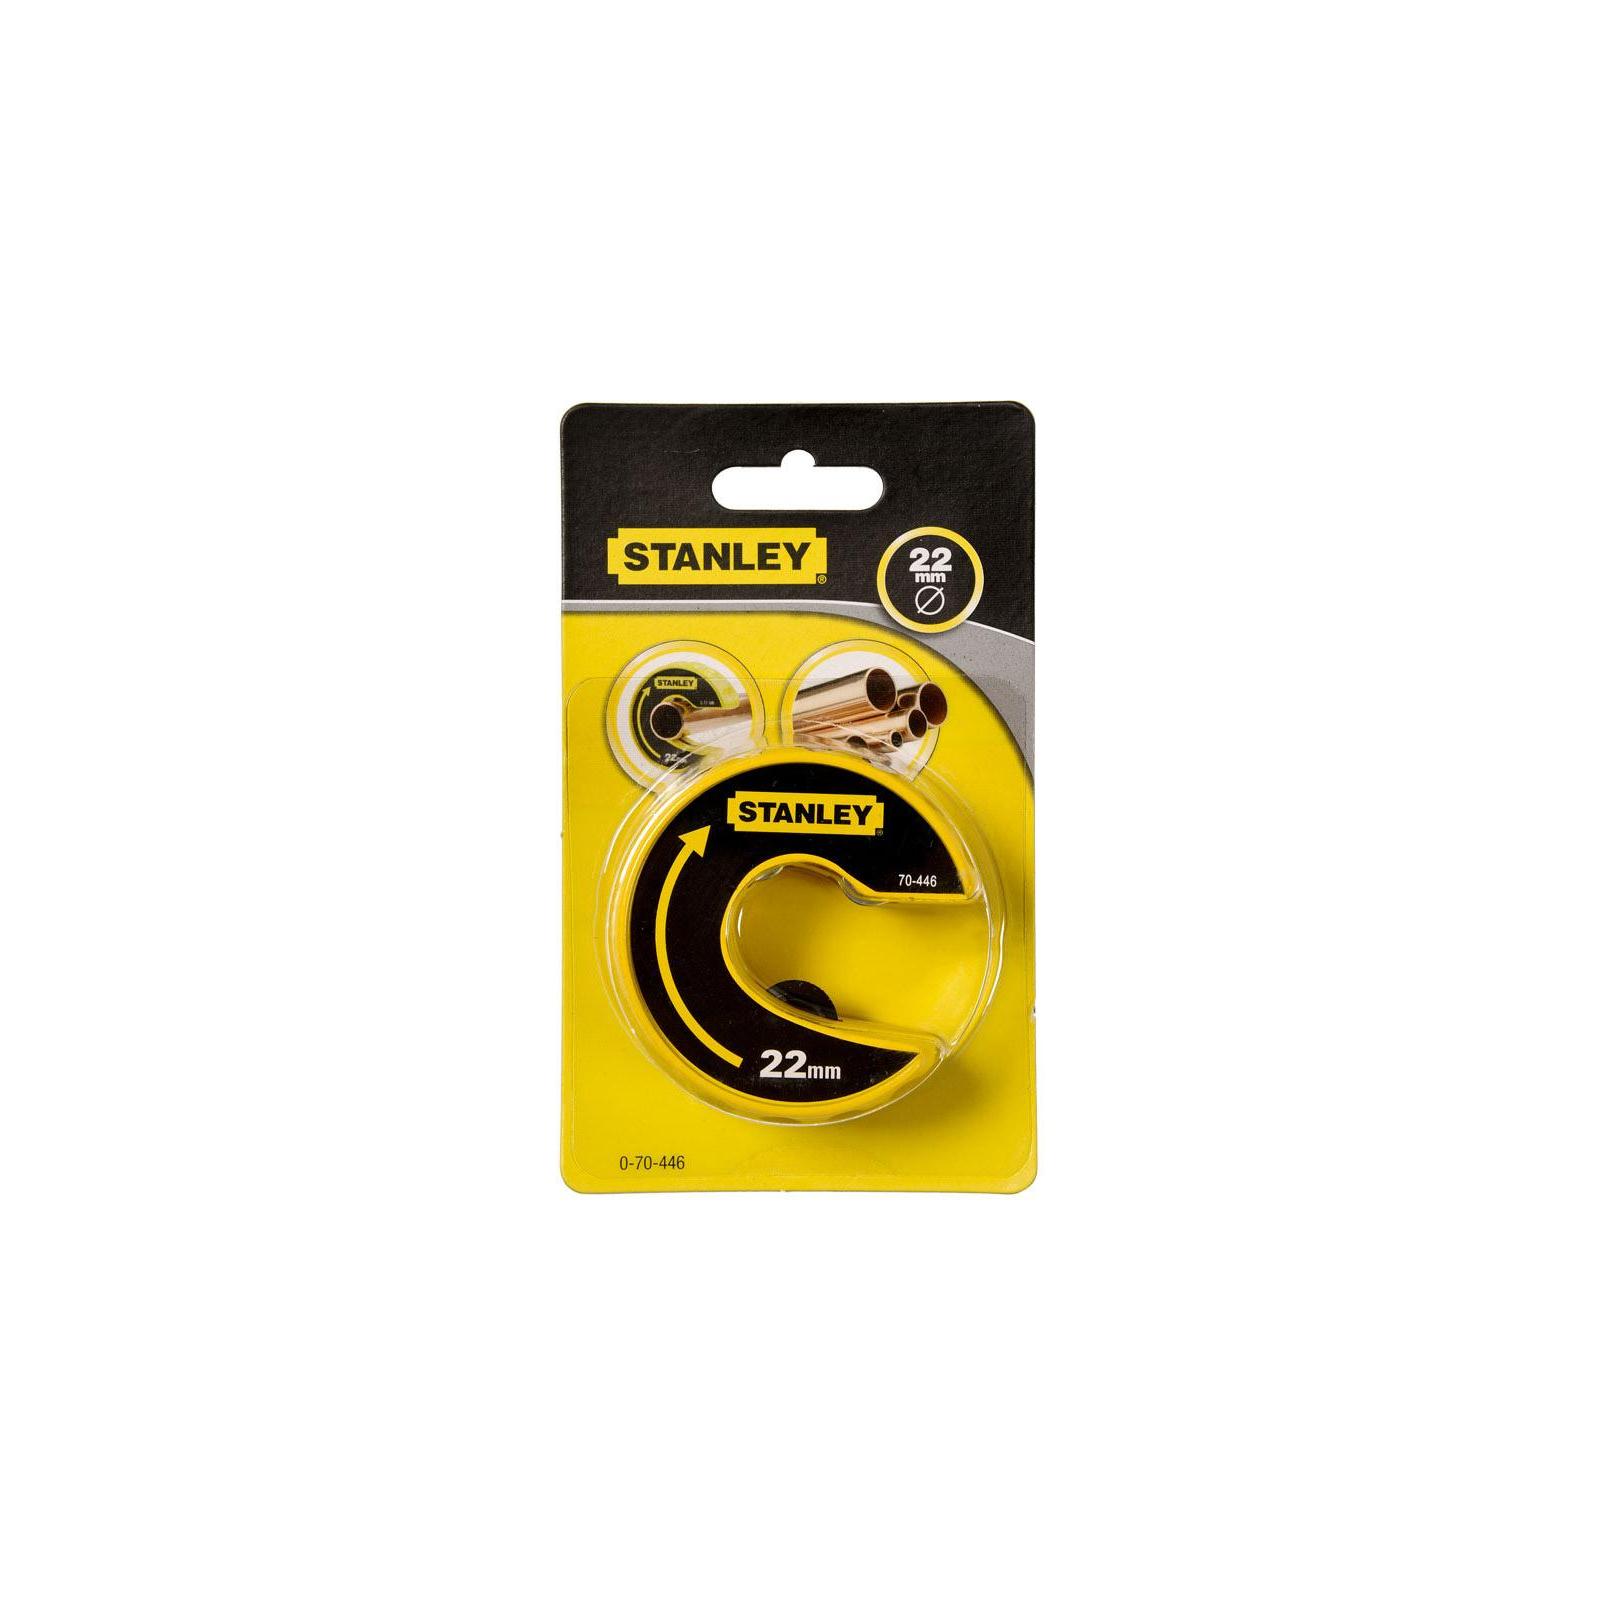 Труборез Stanley резак для труб (0-70-446) изображение 7